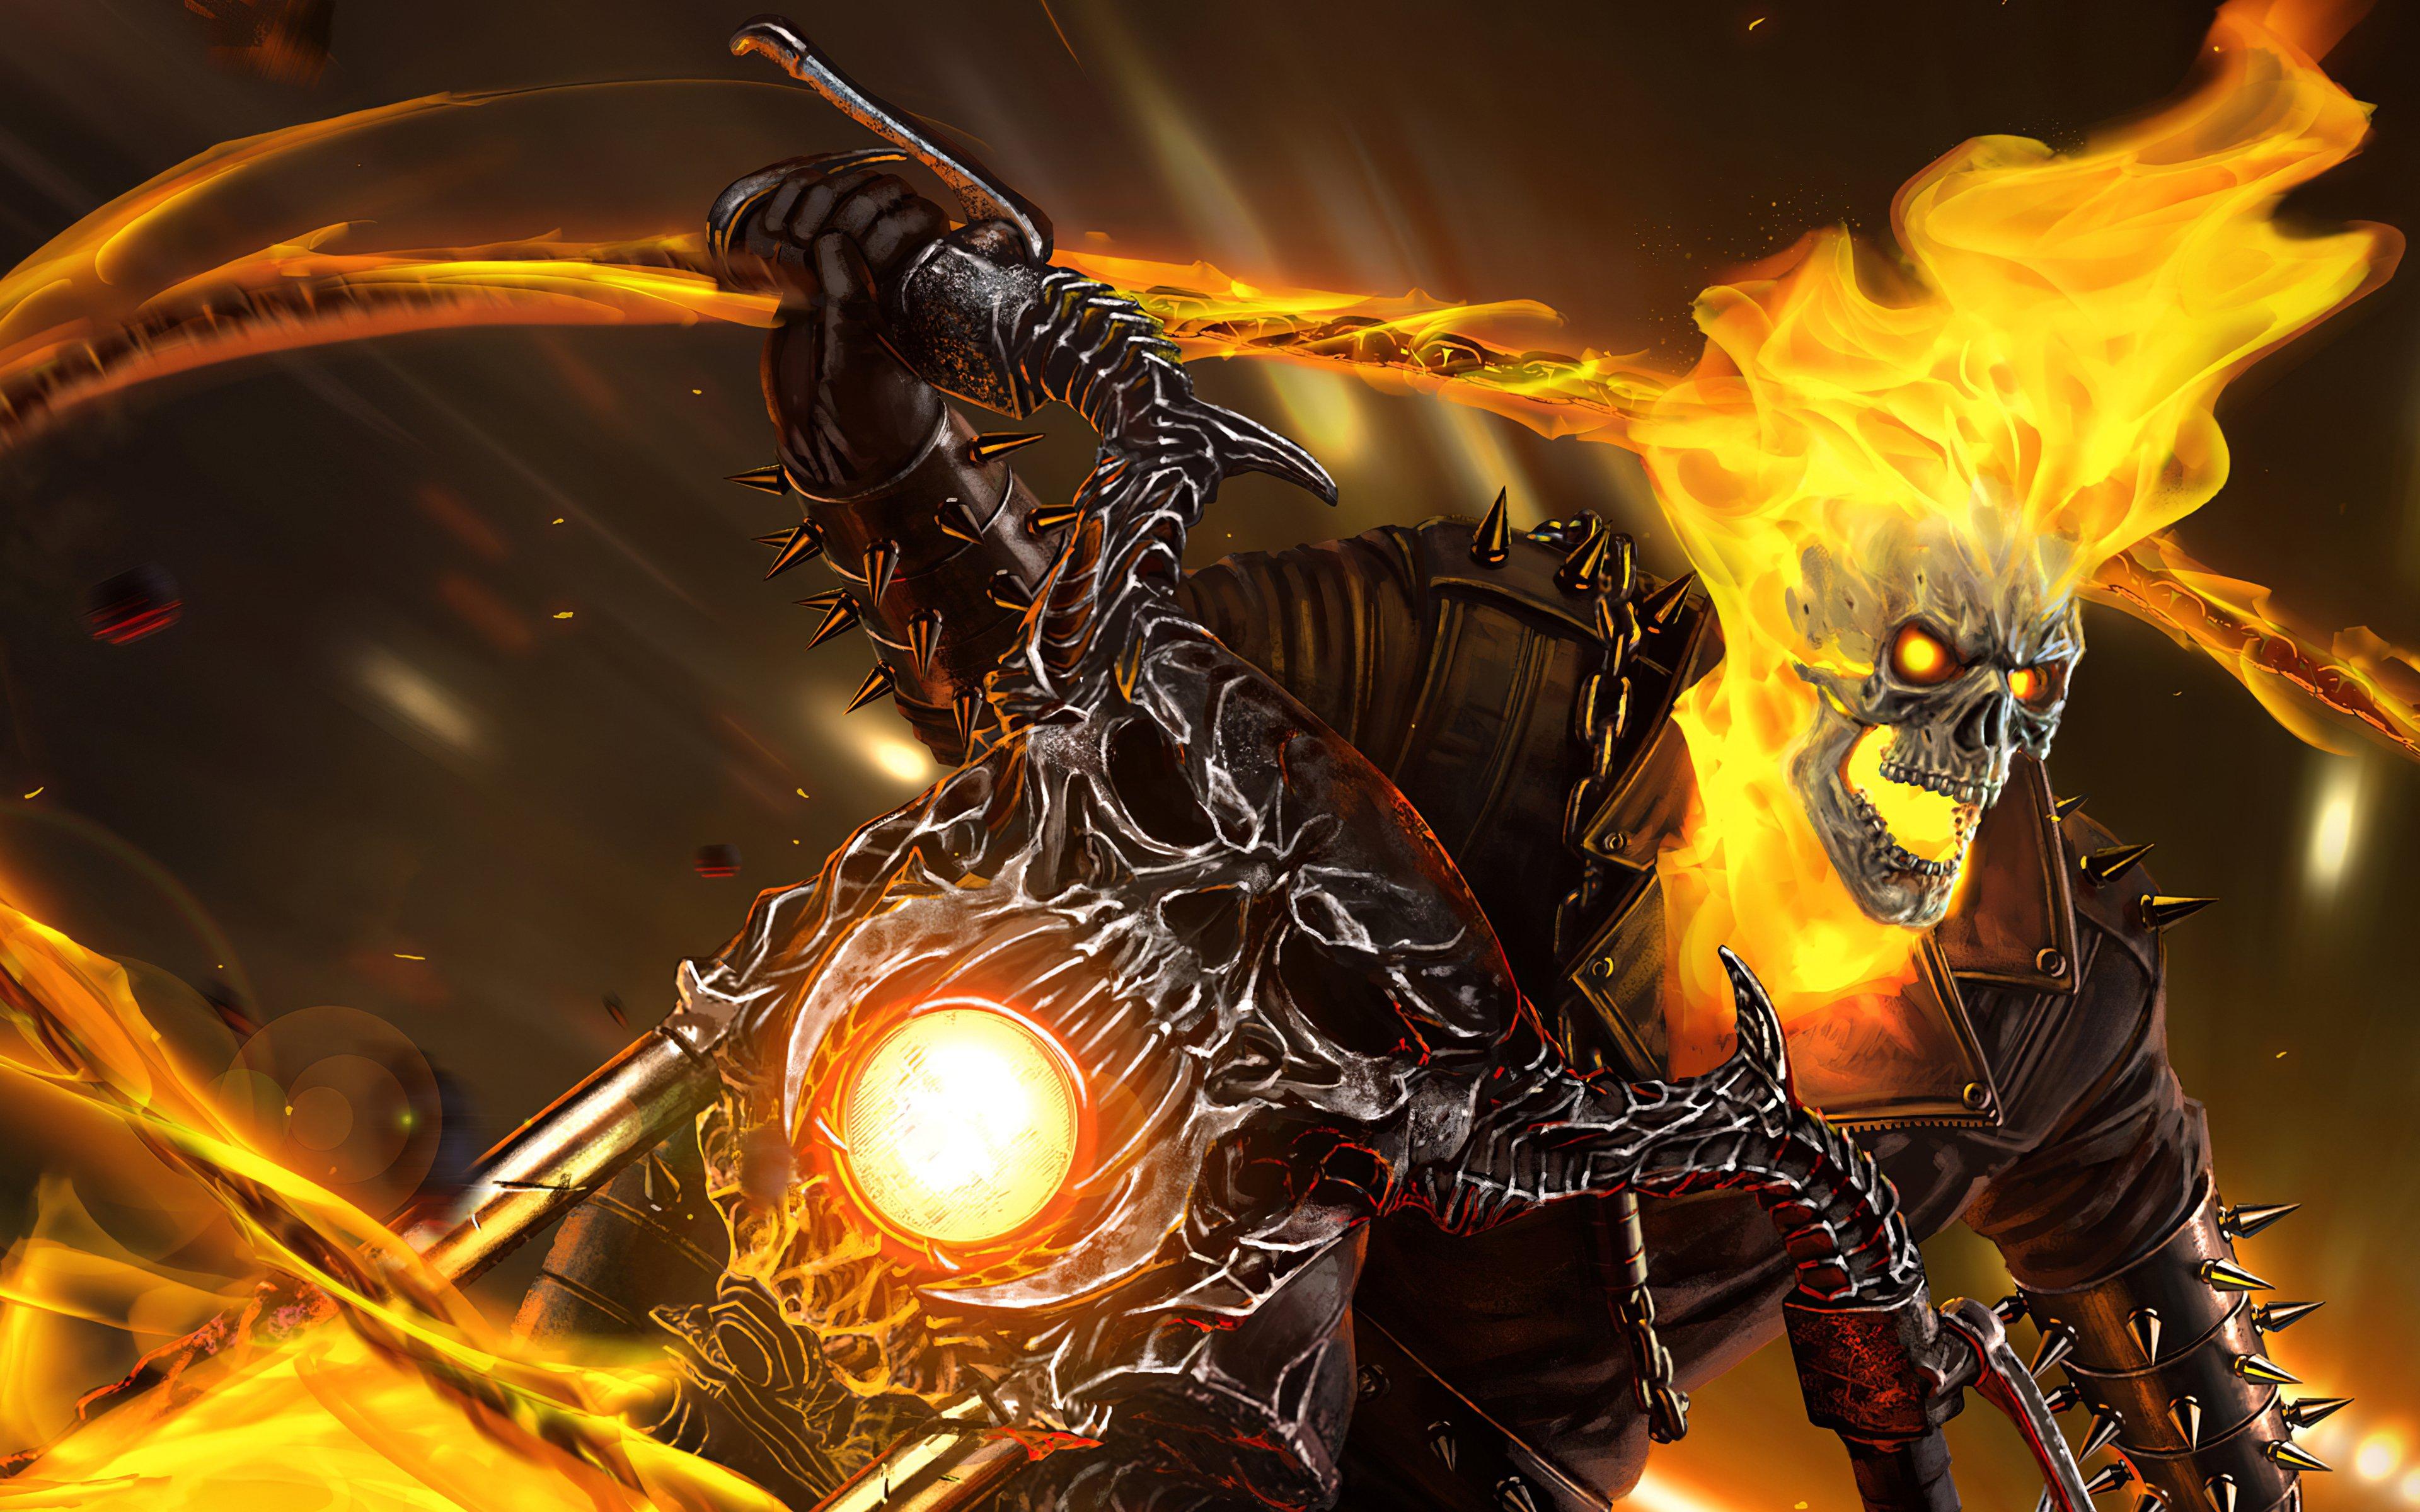 Wallpaper Ghost Rider